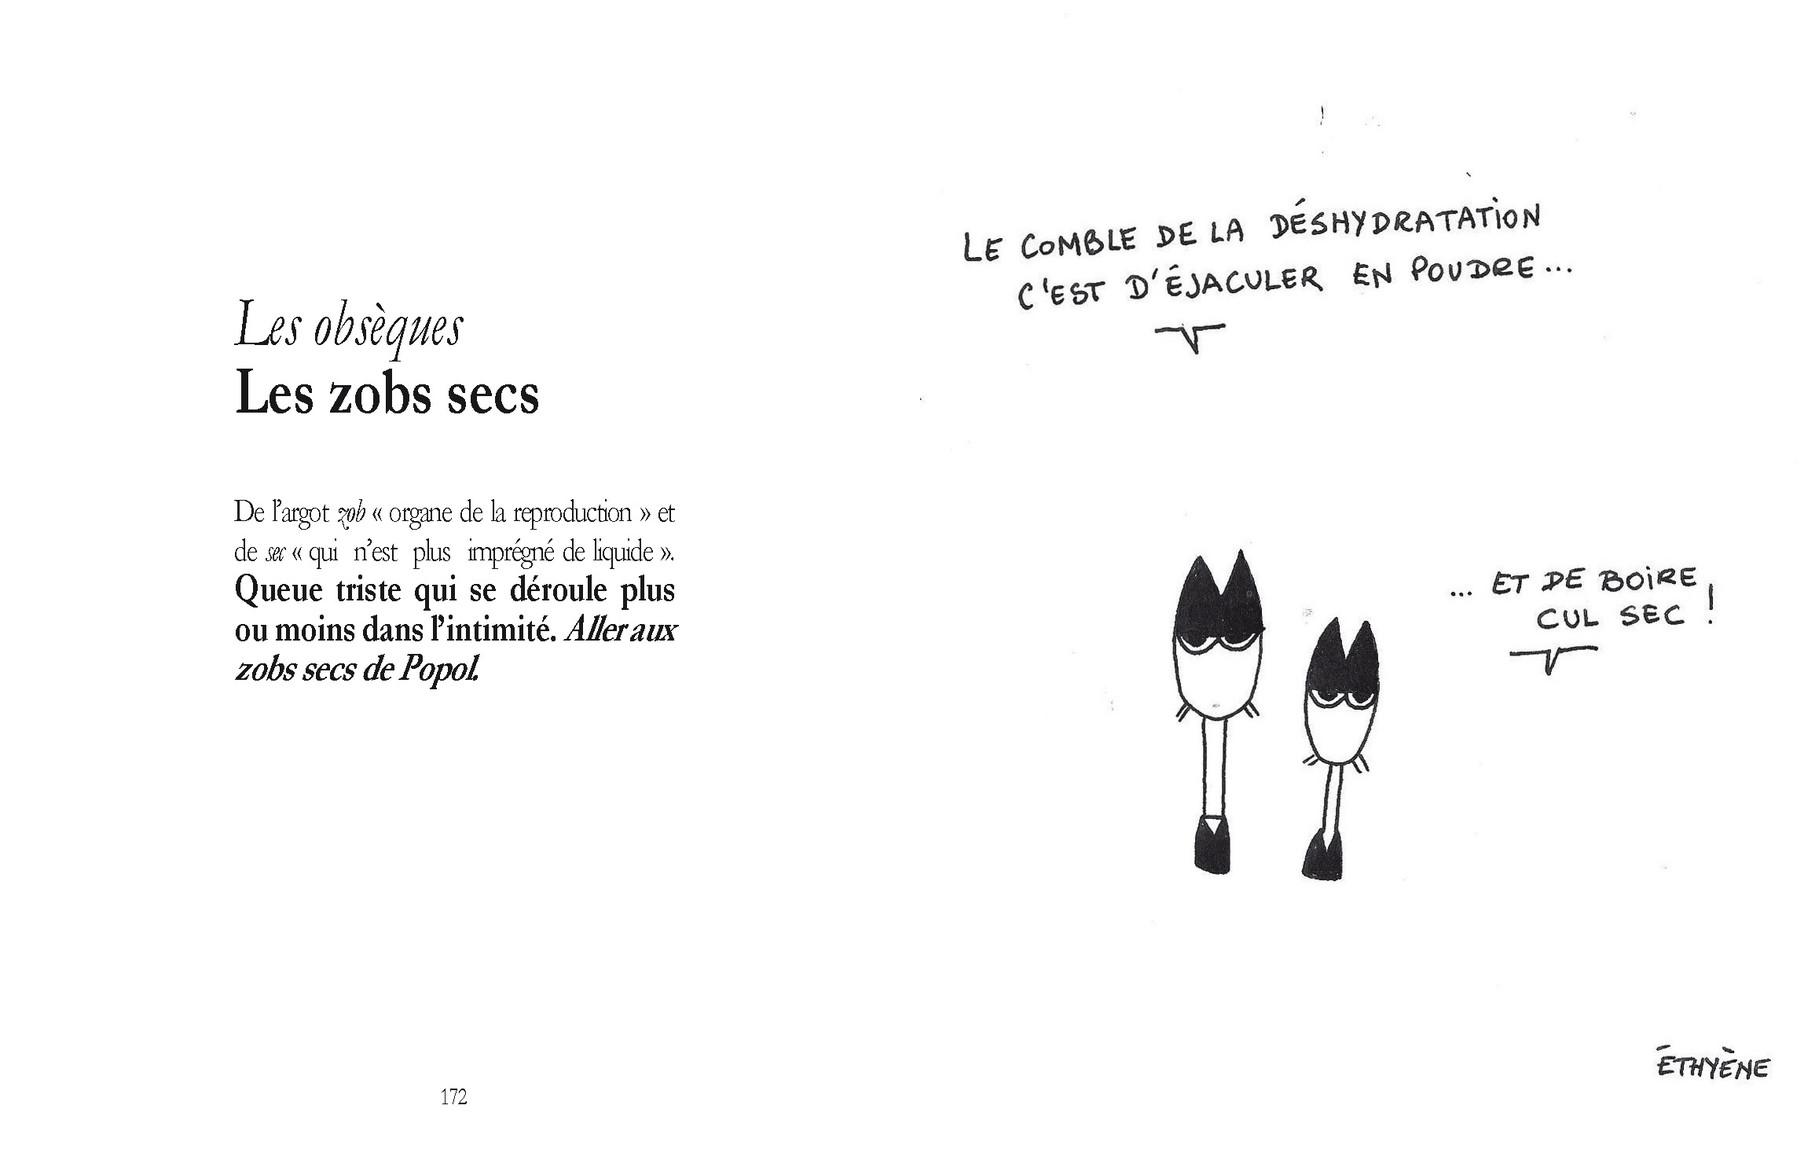 Les obsèques - Les zobs secs /  P172-173 du Bestof 1 / Texte Edith - Dessin Ethyène -  Droits réservés  Reproduction interdite